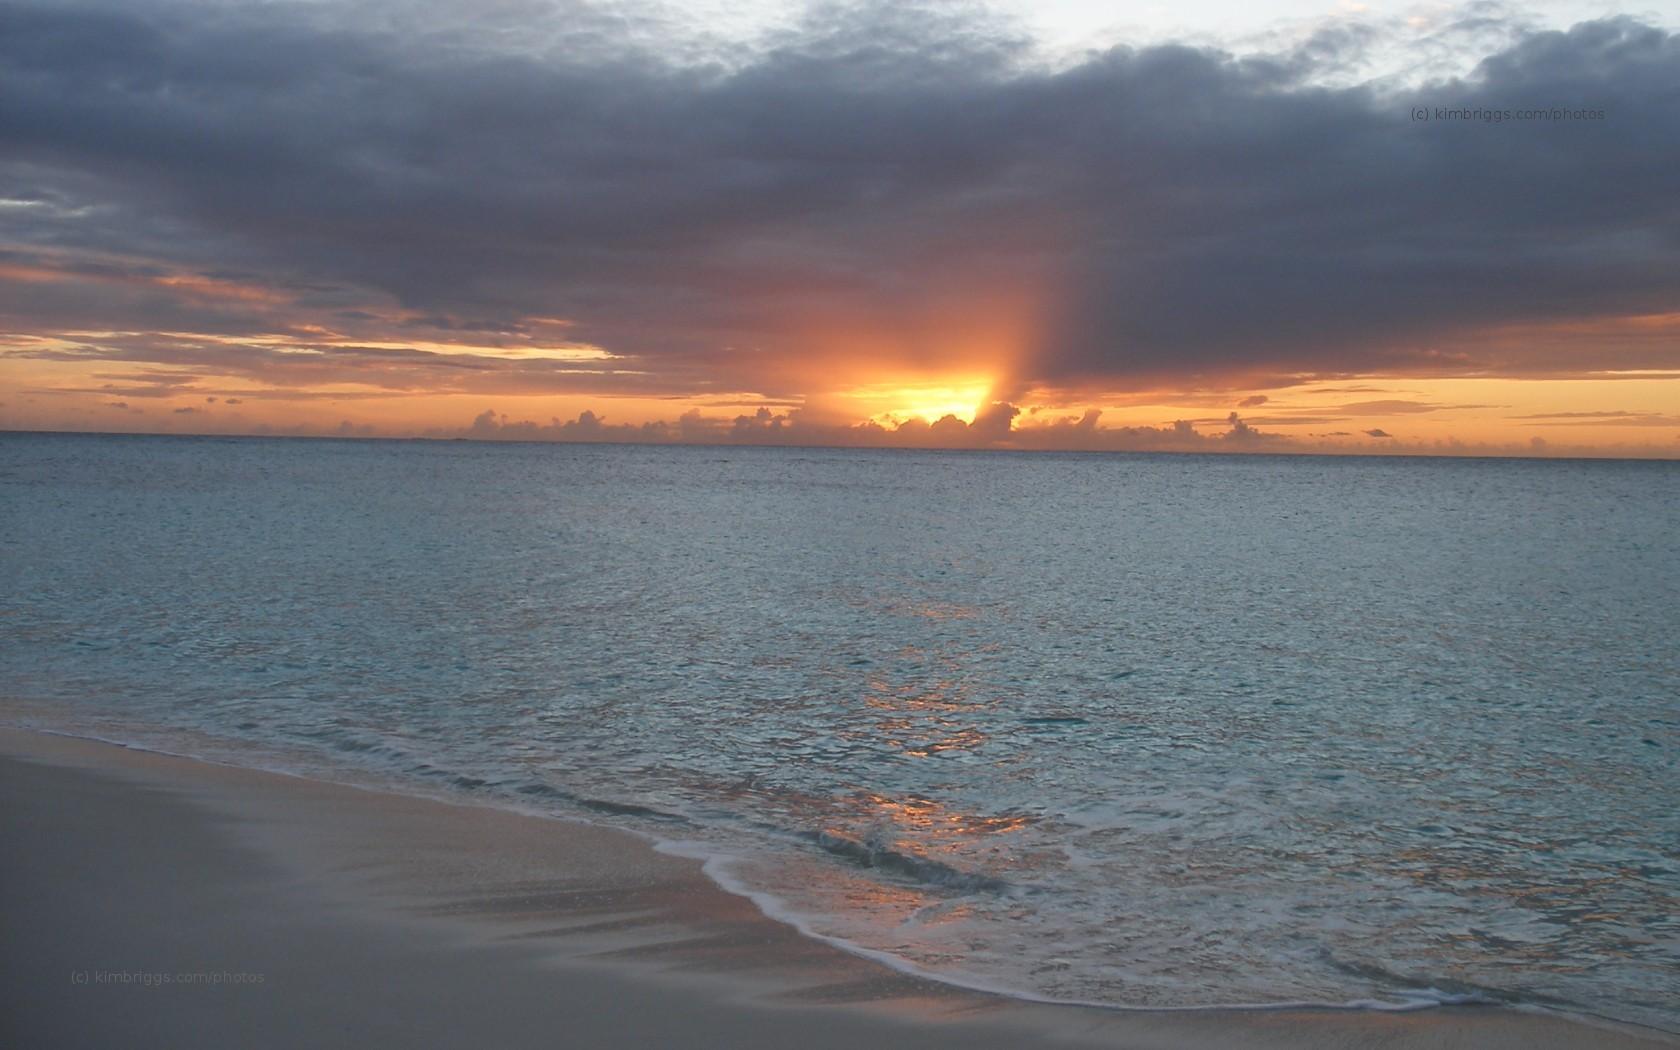 sunset ocean 7